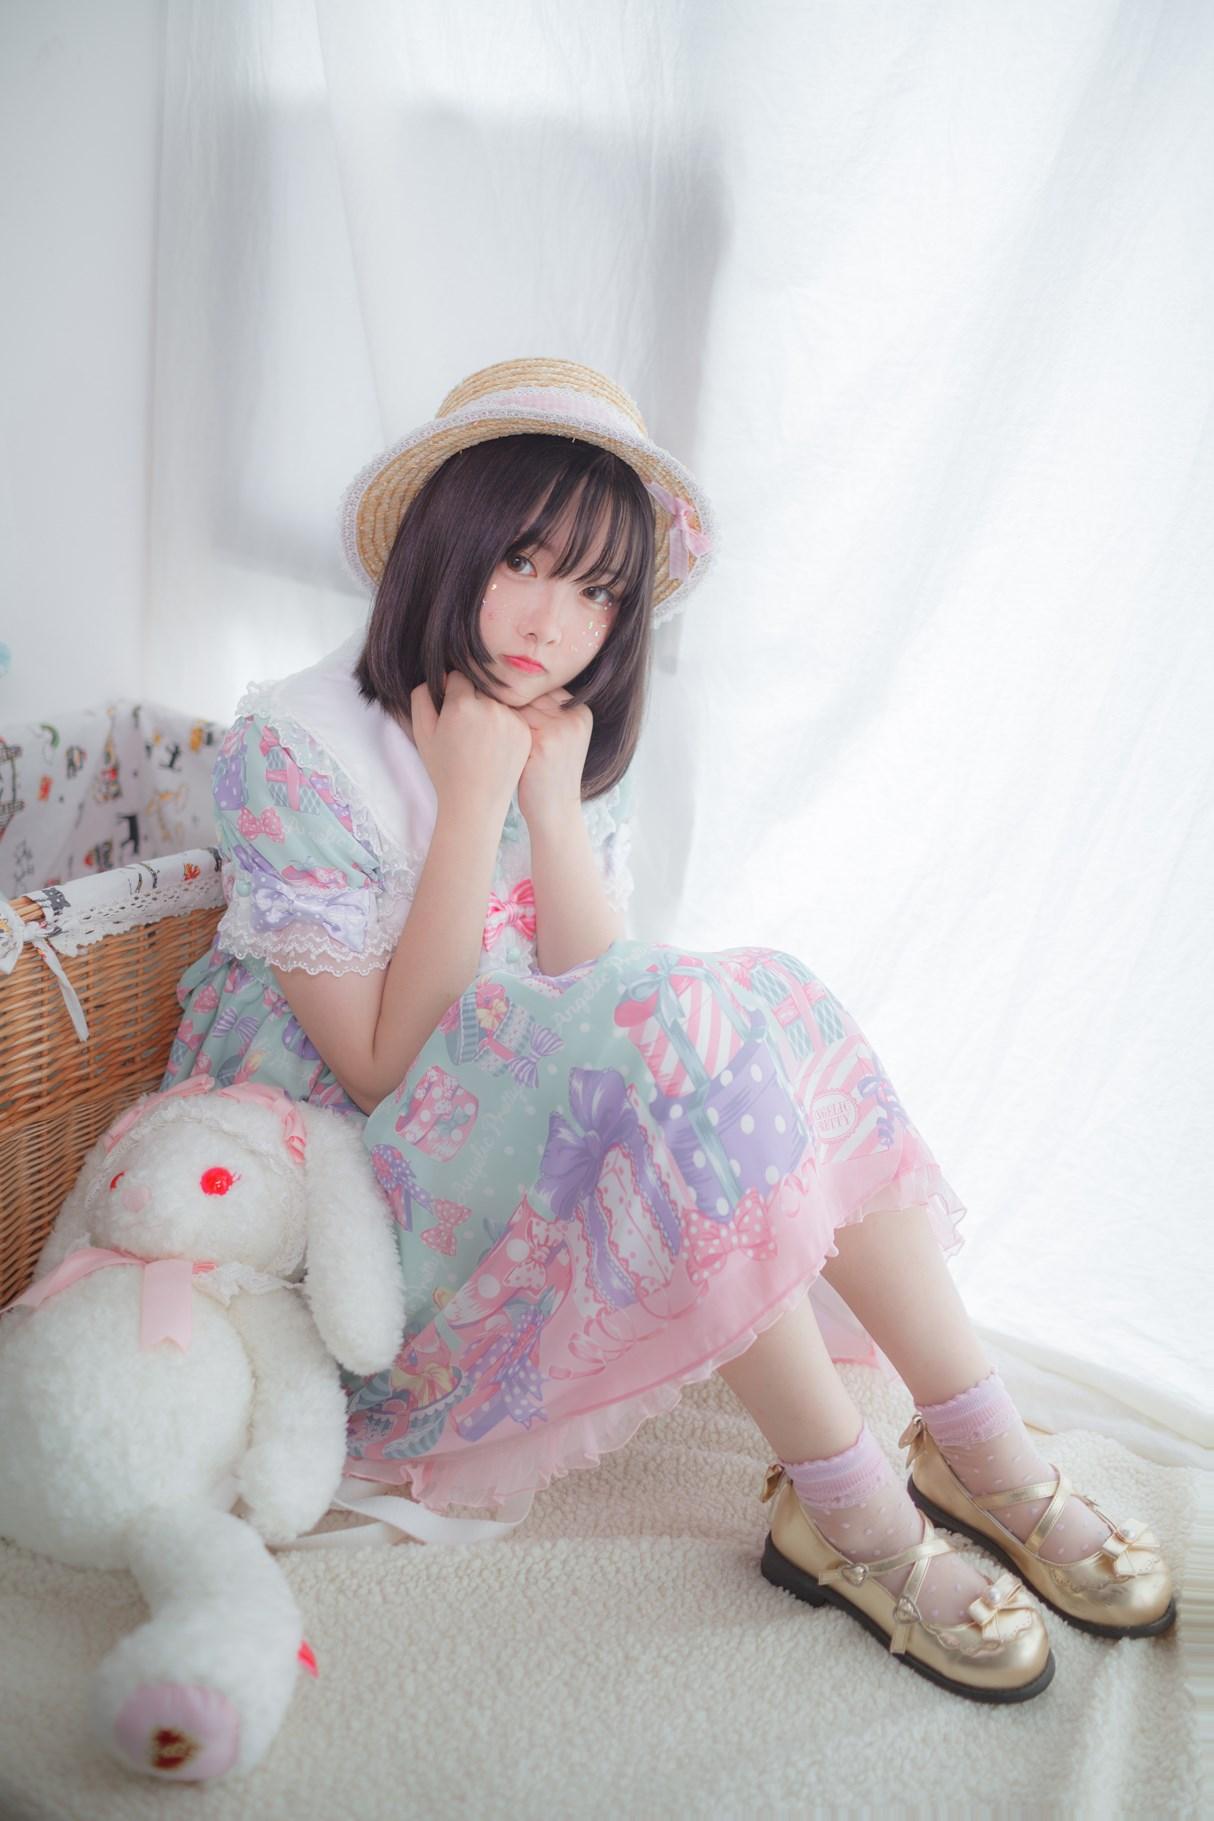 【兔玩映画】软萌小萝莉 兔玩映画 第13张